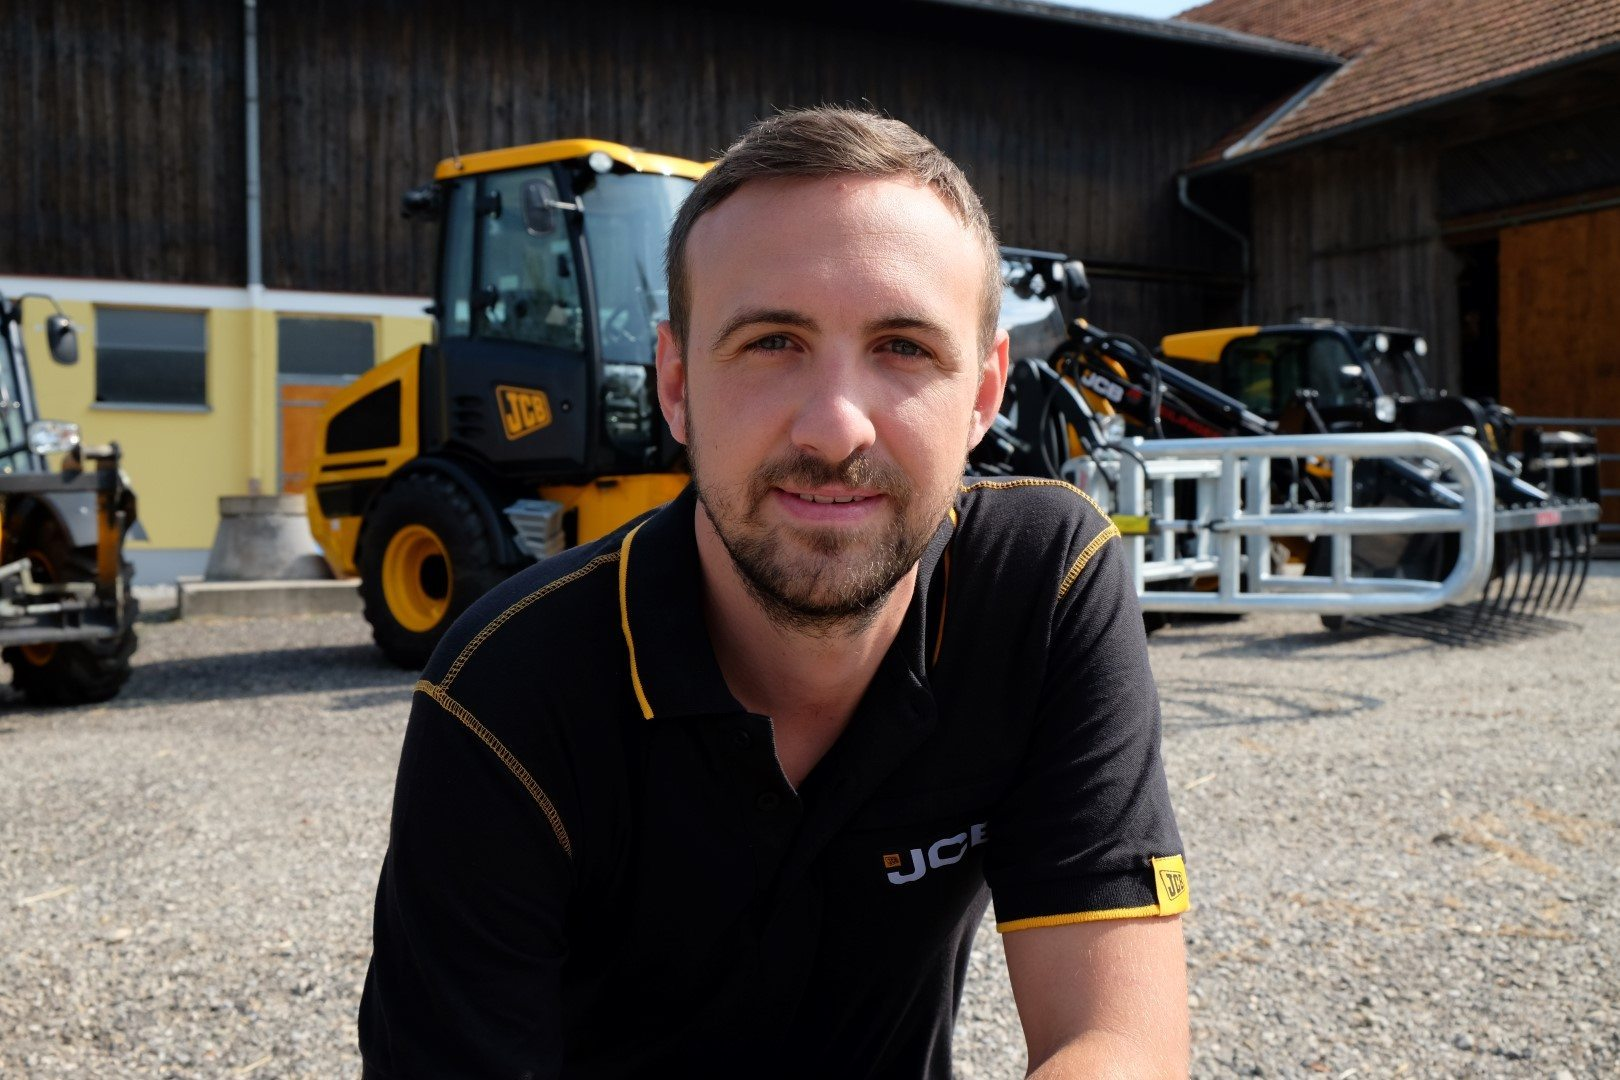 Produktexperte Dominik Babe bei einem landwirtschaftlichen Betrieb, im Hintergrund Fastrac Arbeitsmaschinen von JCB.